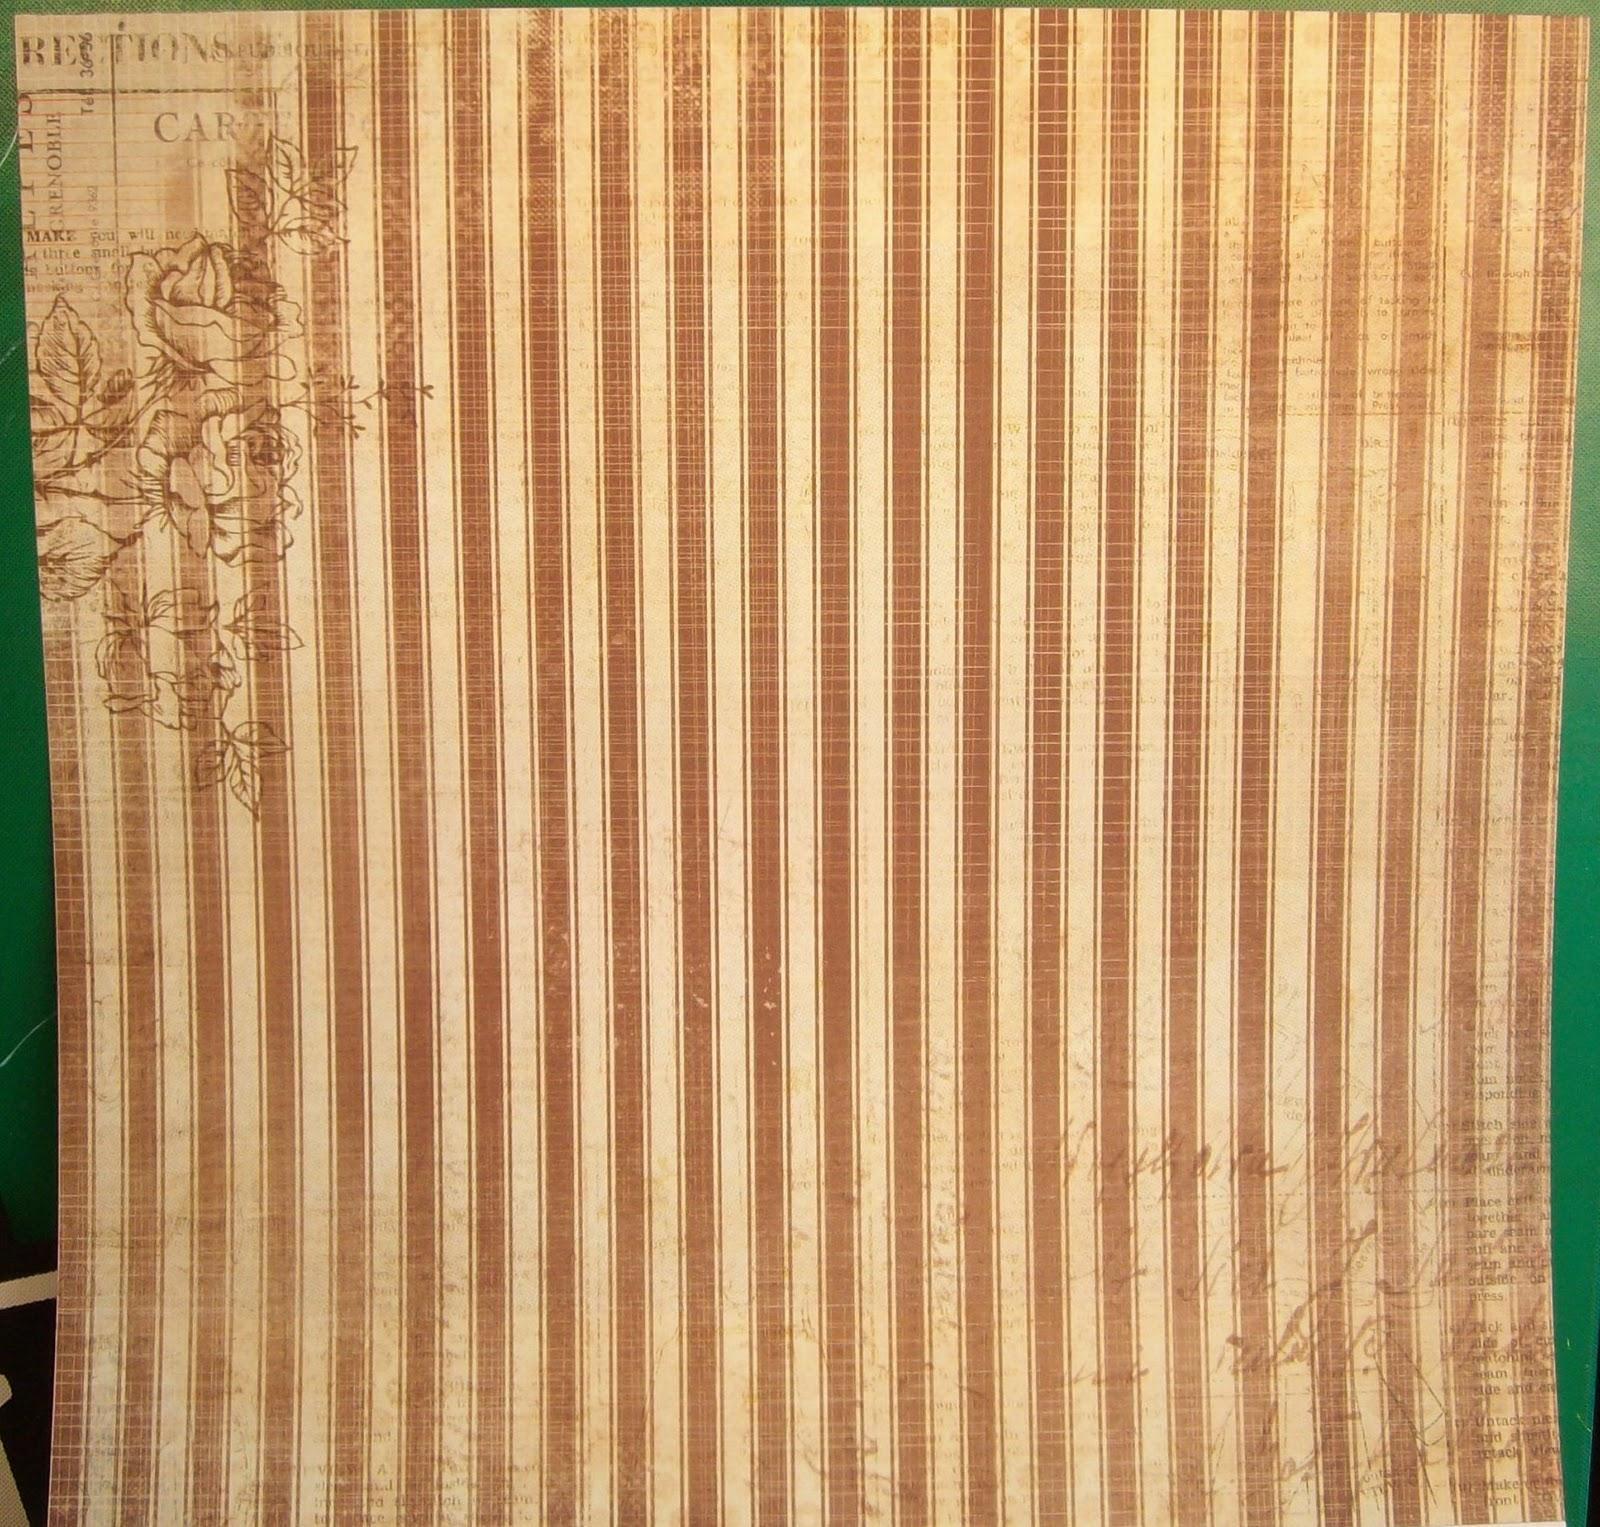 Papeles servilletas y telas de tere papel vintage 015 - Papeles y telas ...